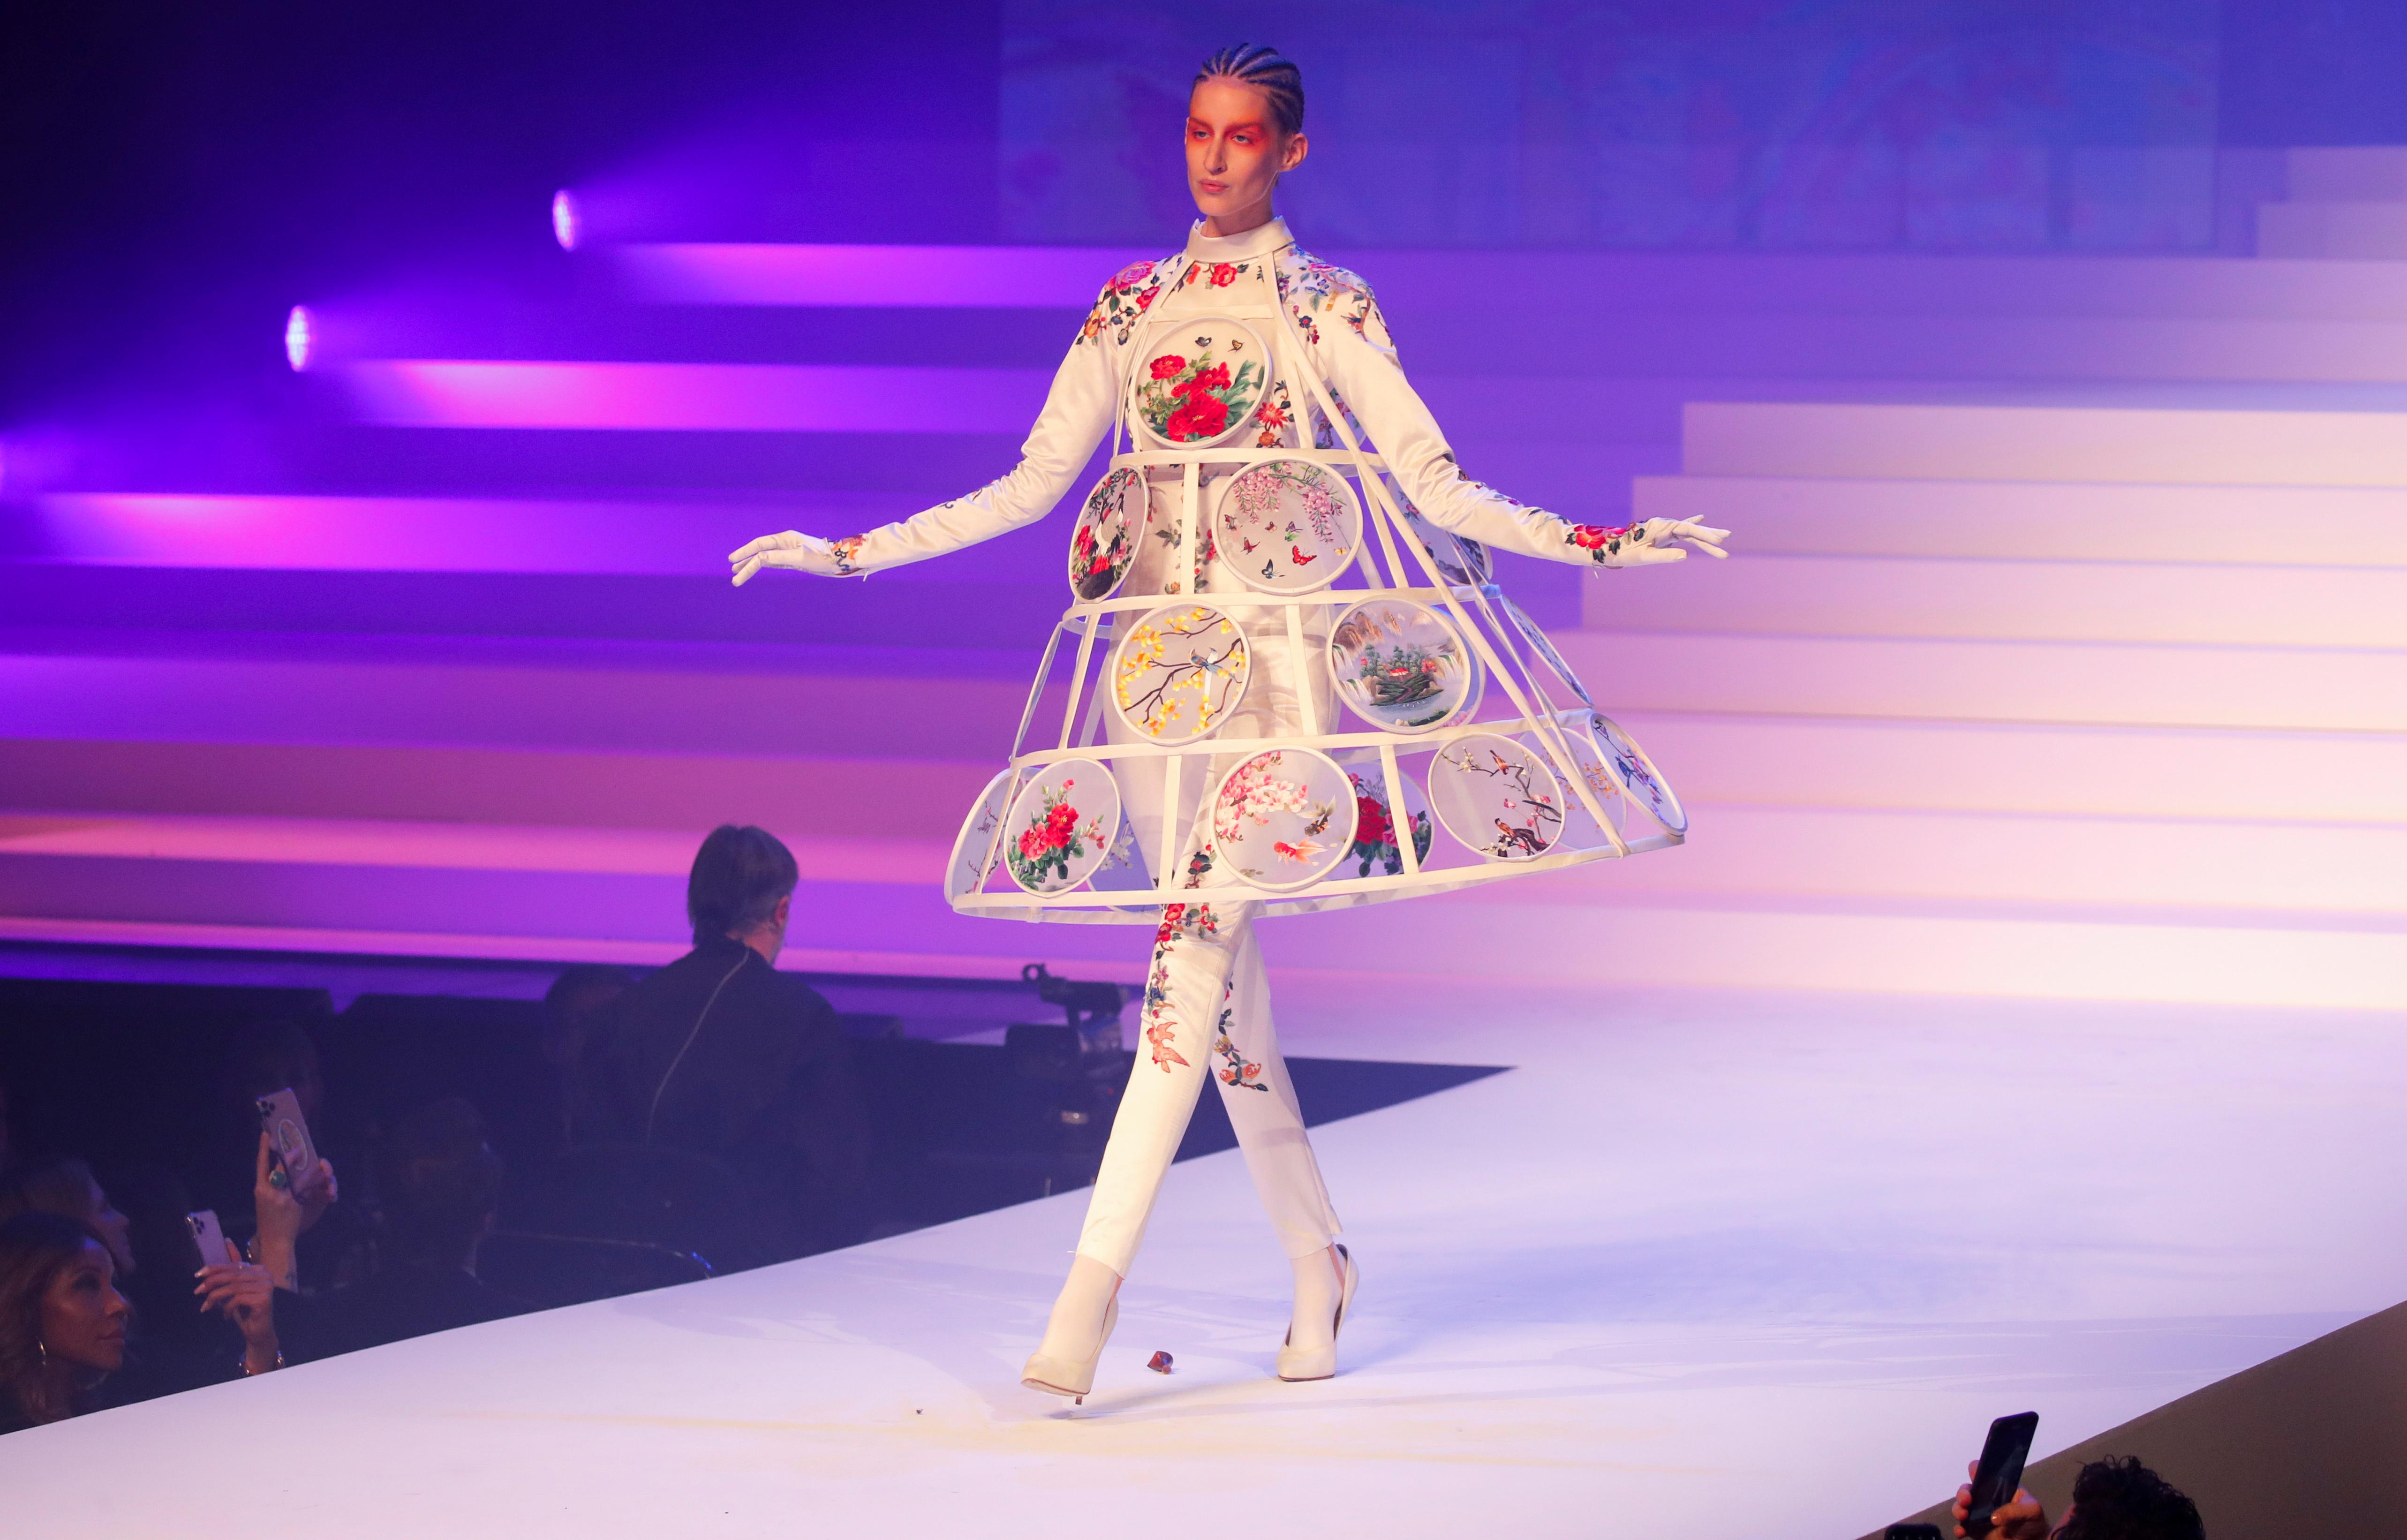 Flores y el armazón de la falda. Un ícono de Jean Paul Gaultier. Uno de los diseños elegidos para presentar en el desfile de cierre de carrera del modisto francés tras 50 años en la moda